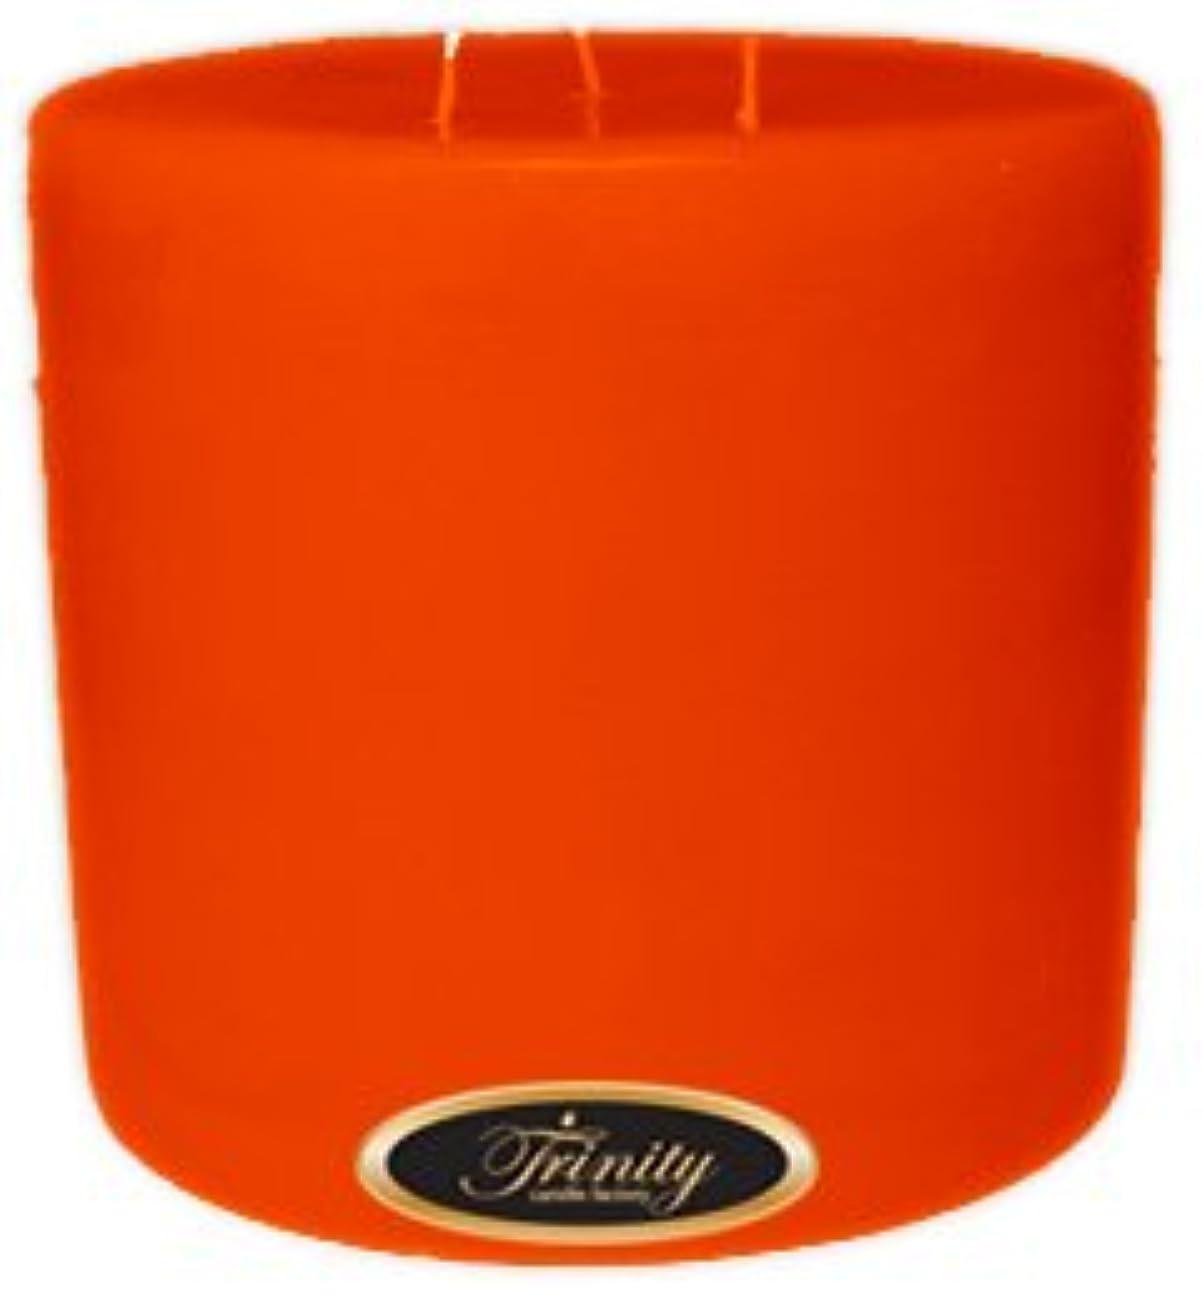 監督する予見するしっとりTrinity Candle工場 – スイカズラ – Pillar Candle – 6 x 6